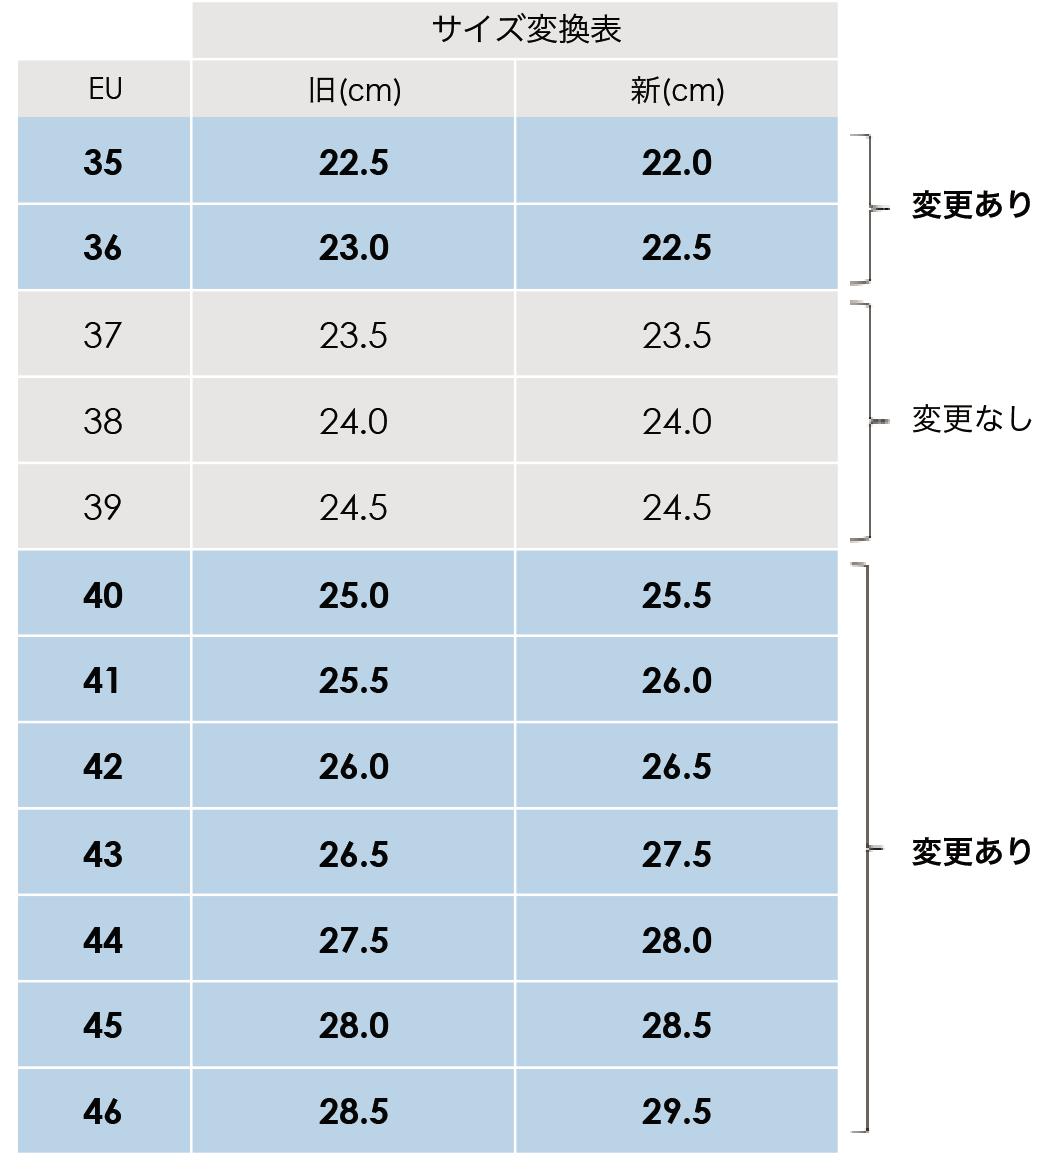 日本サイズ変換(cm)変更のお知らせ